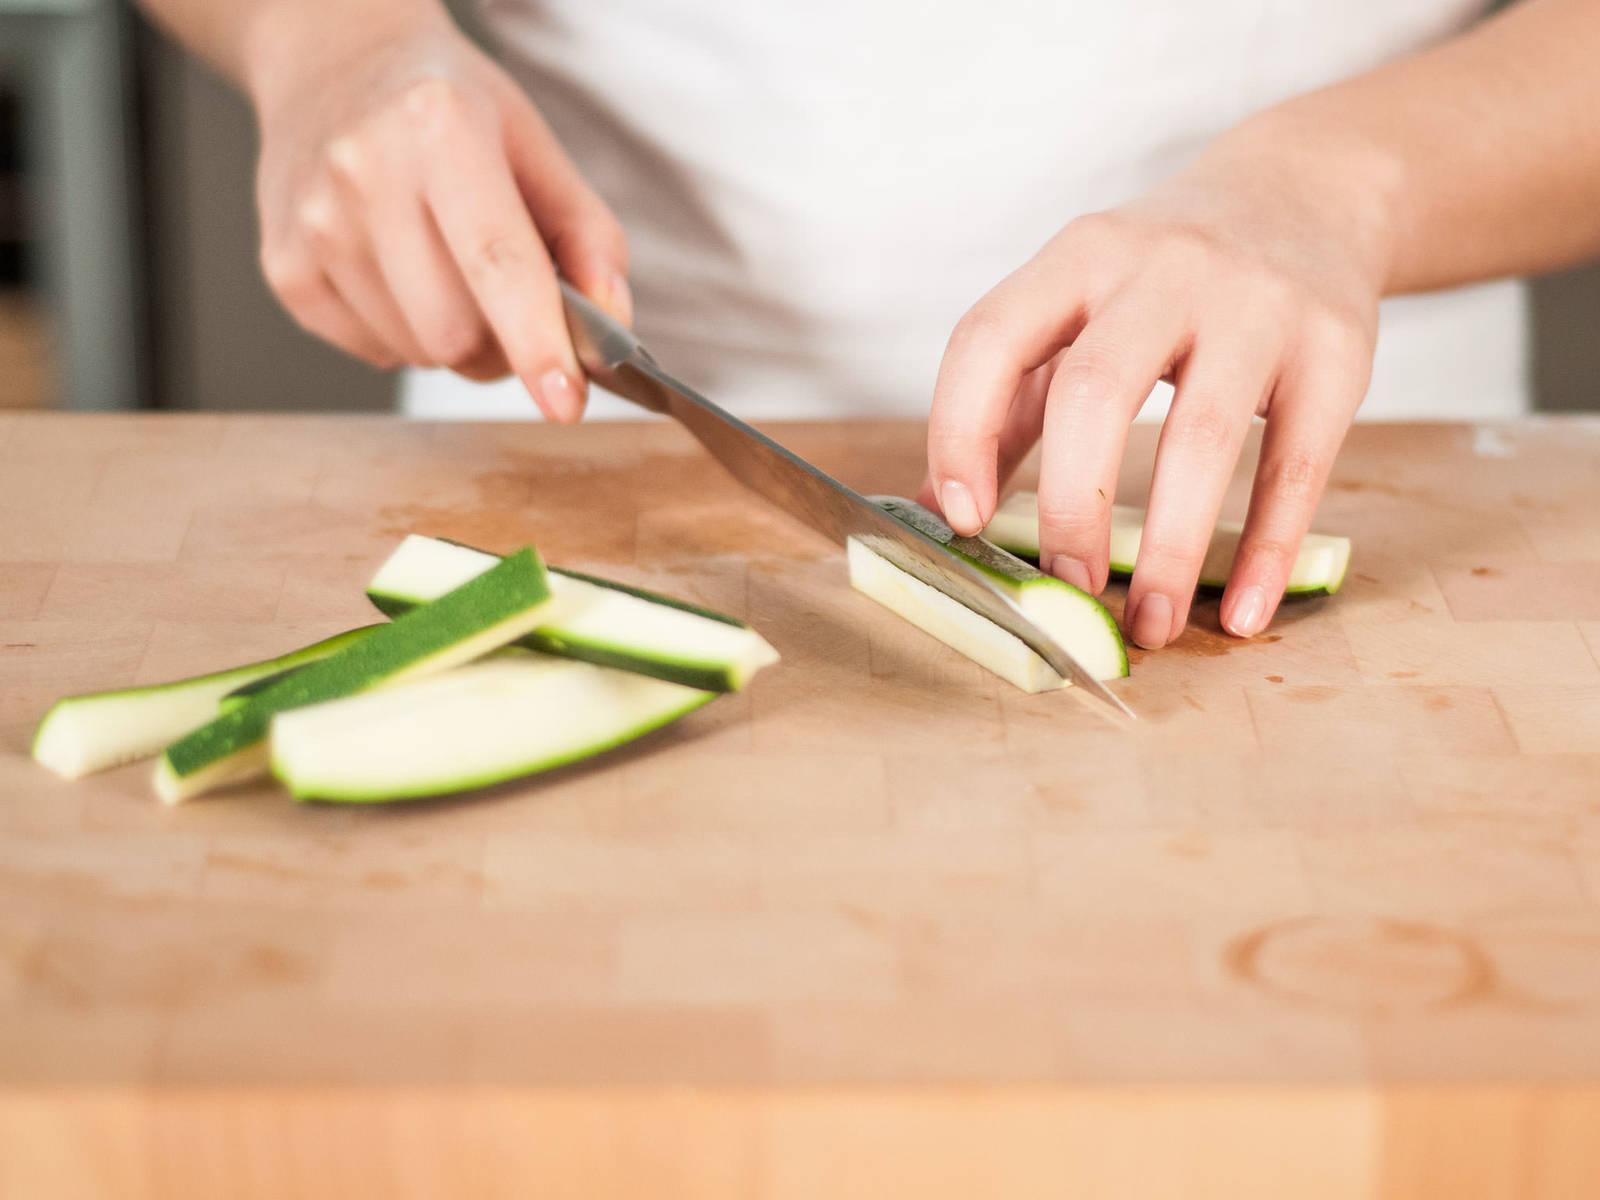 将西葫芦对半切开,先纵向切成四瓣,斜切去籽,再切成条状。